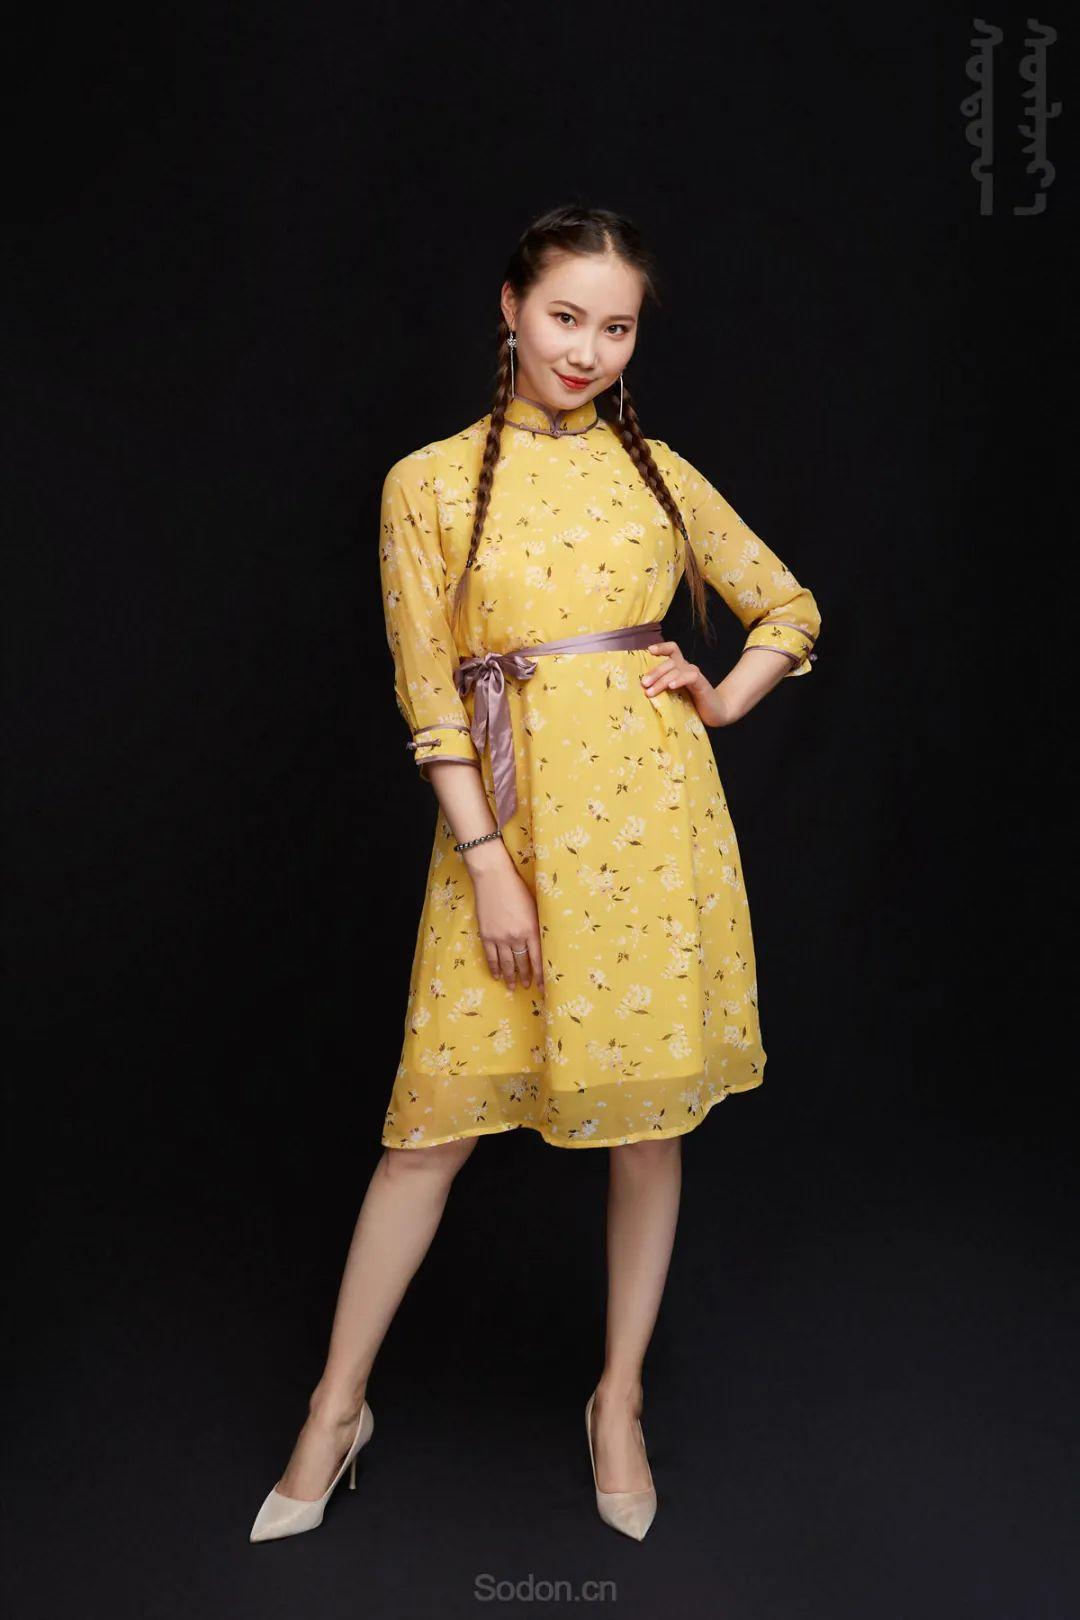 DOMOG蒙古时装2020新款夏季连衣裙首发,618钜惠七折! 第12张